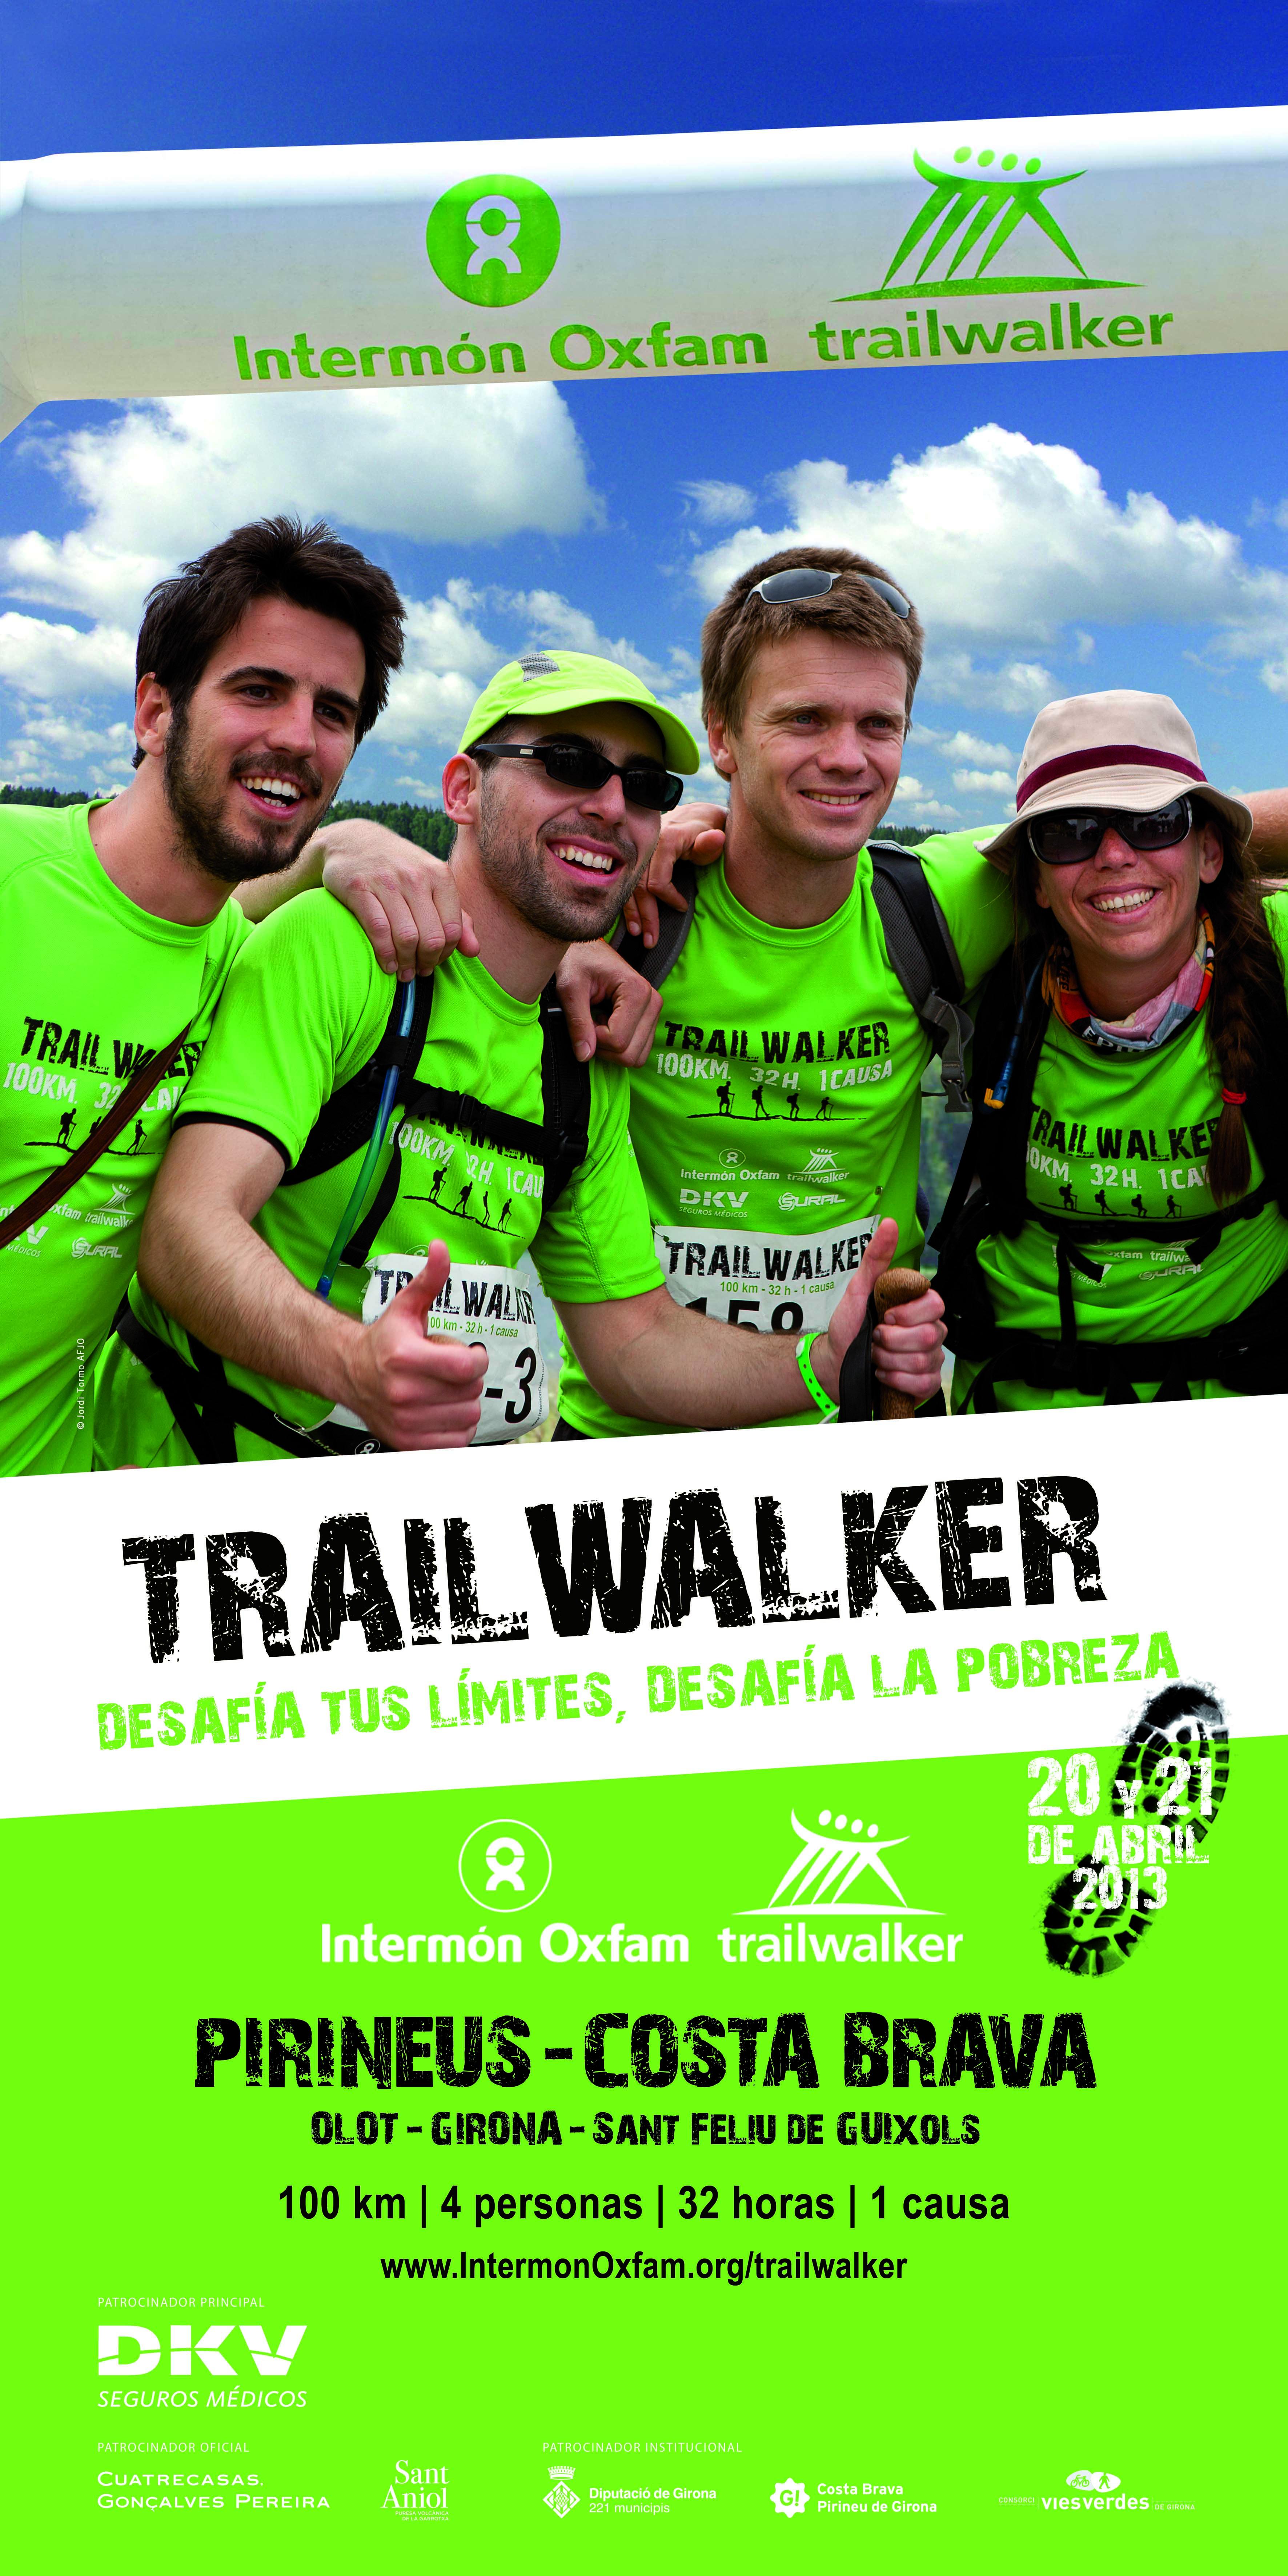 Presentación de la tercera Marcha Intermon Oxfam Trailwalker